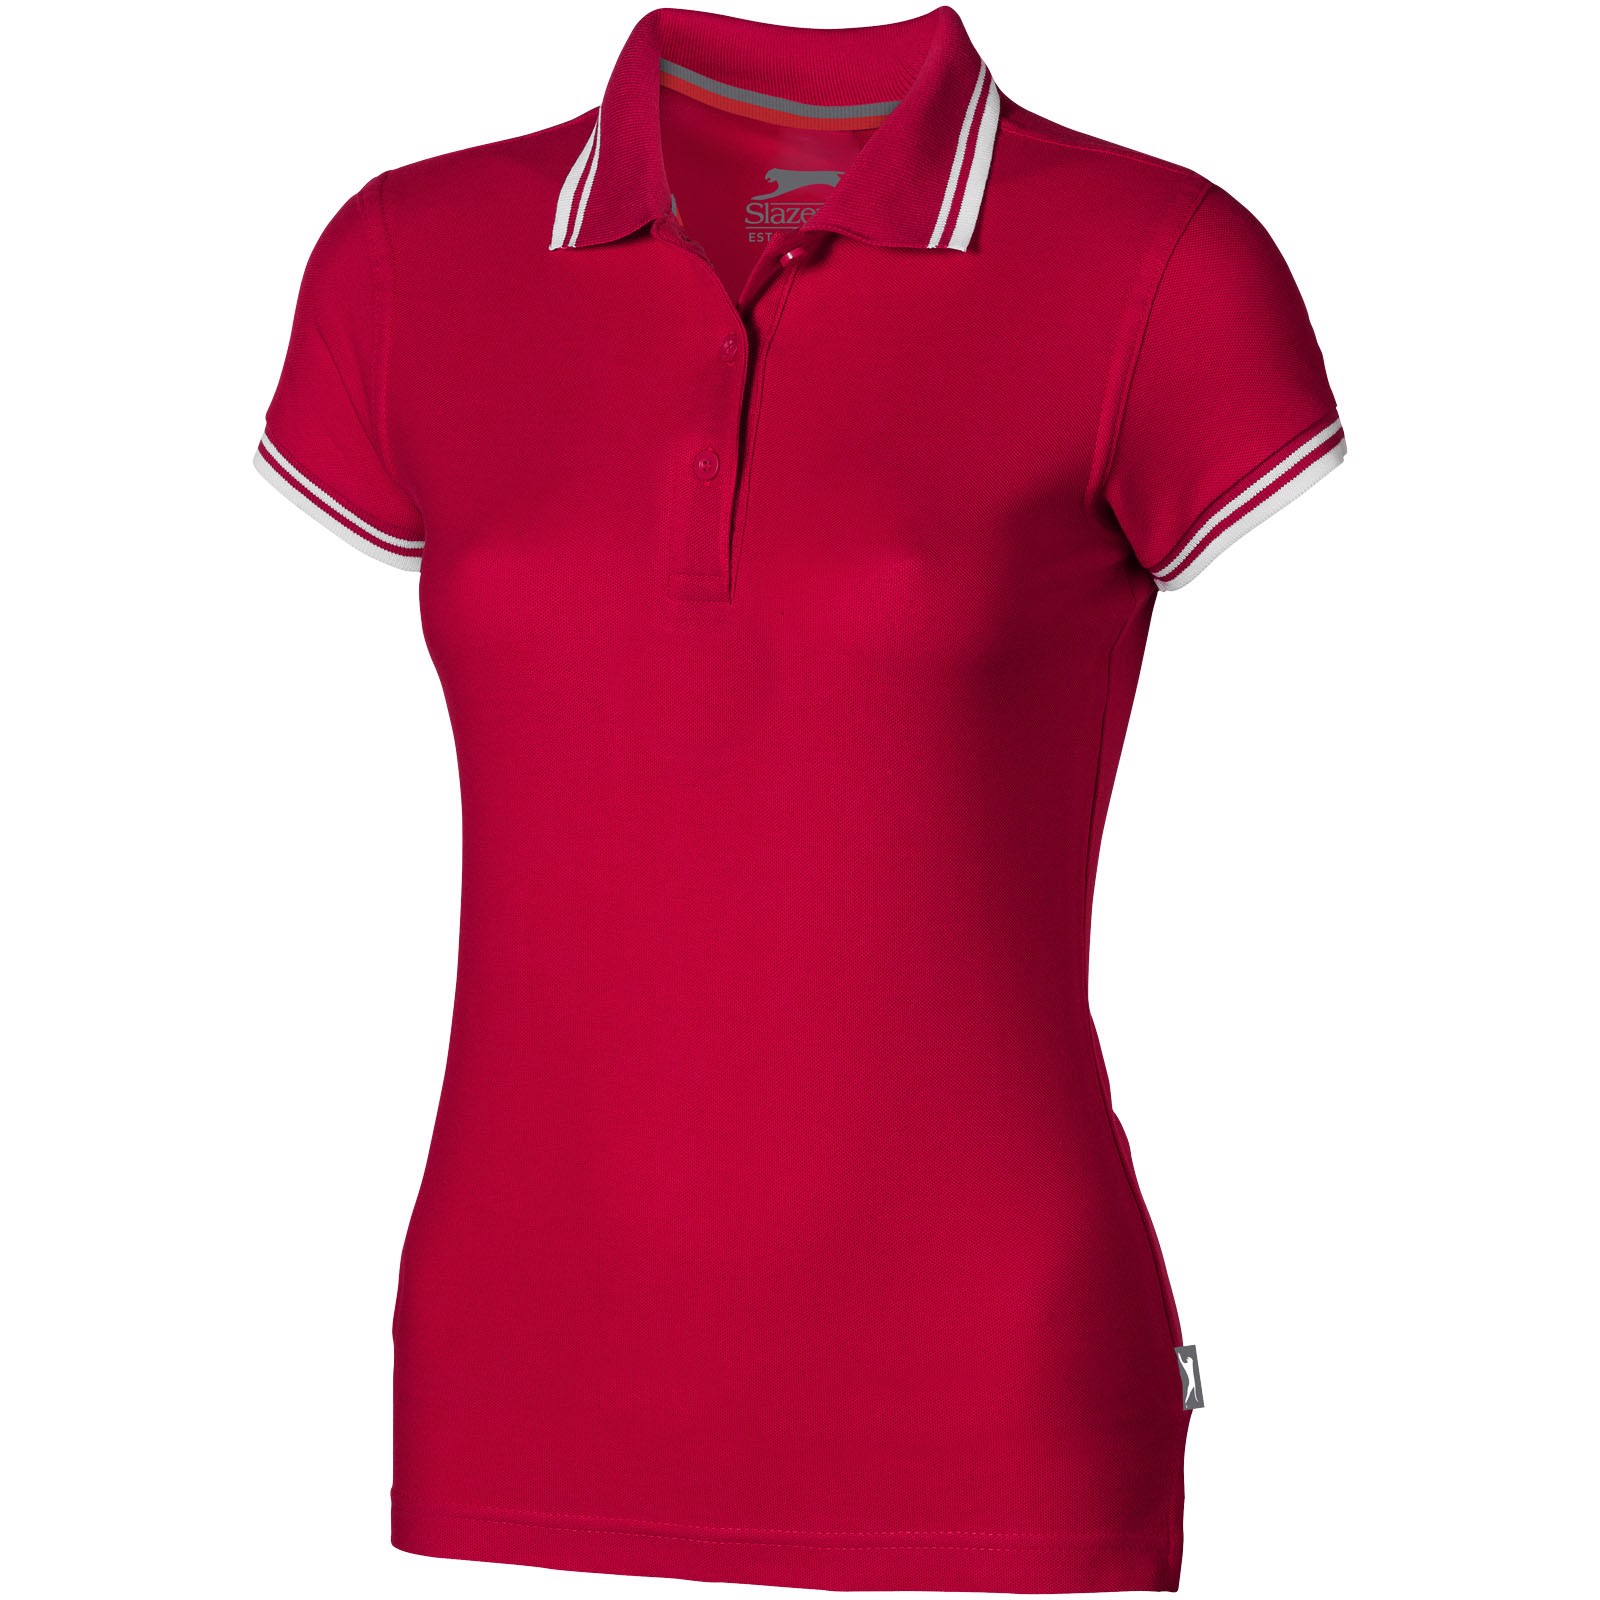 Dámská polokošile Deuce s lemem - Červená s efektem námrazy / XL